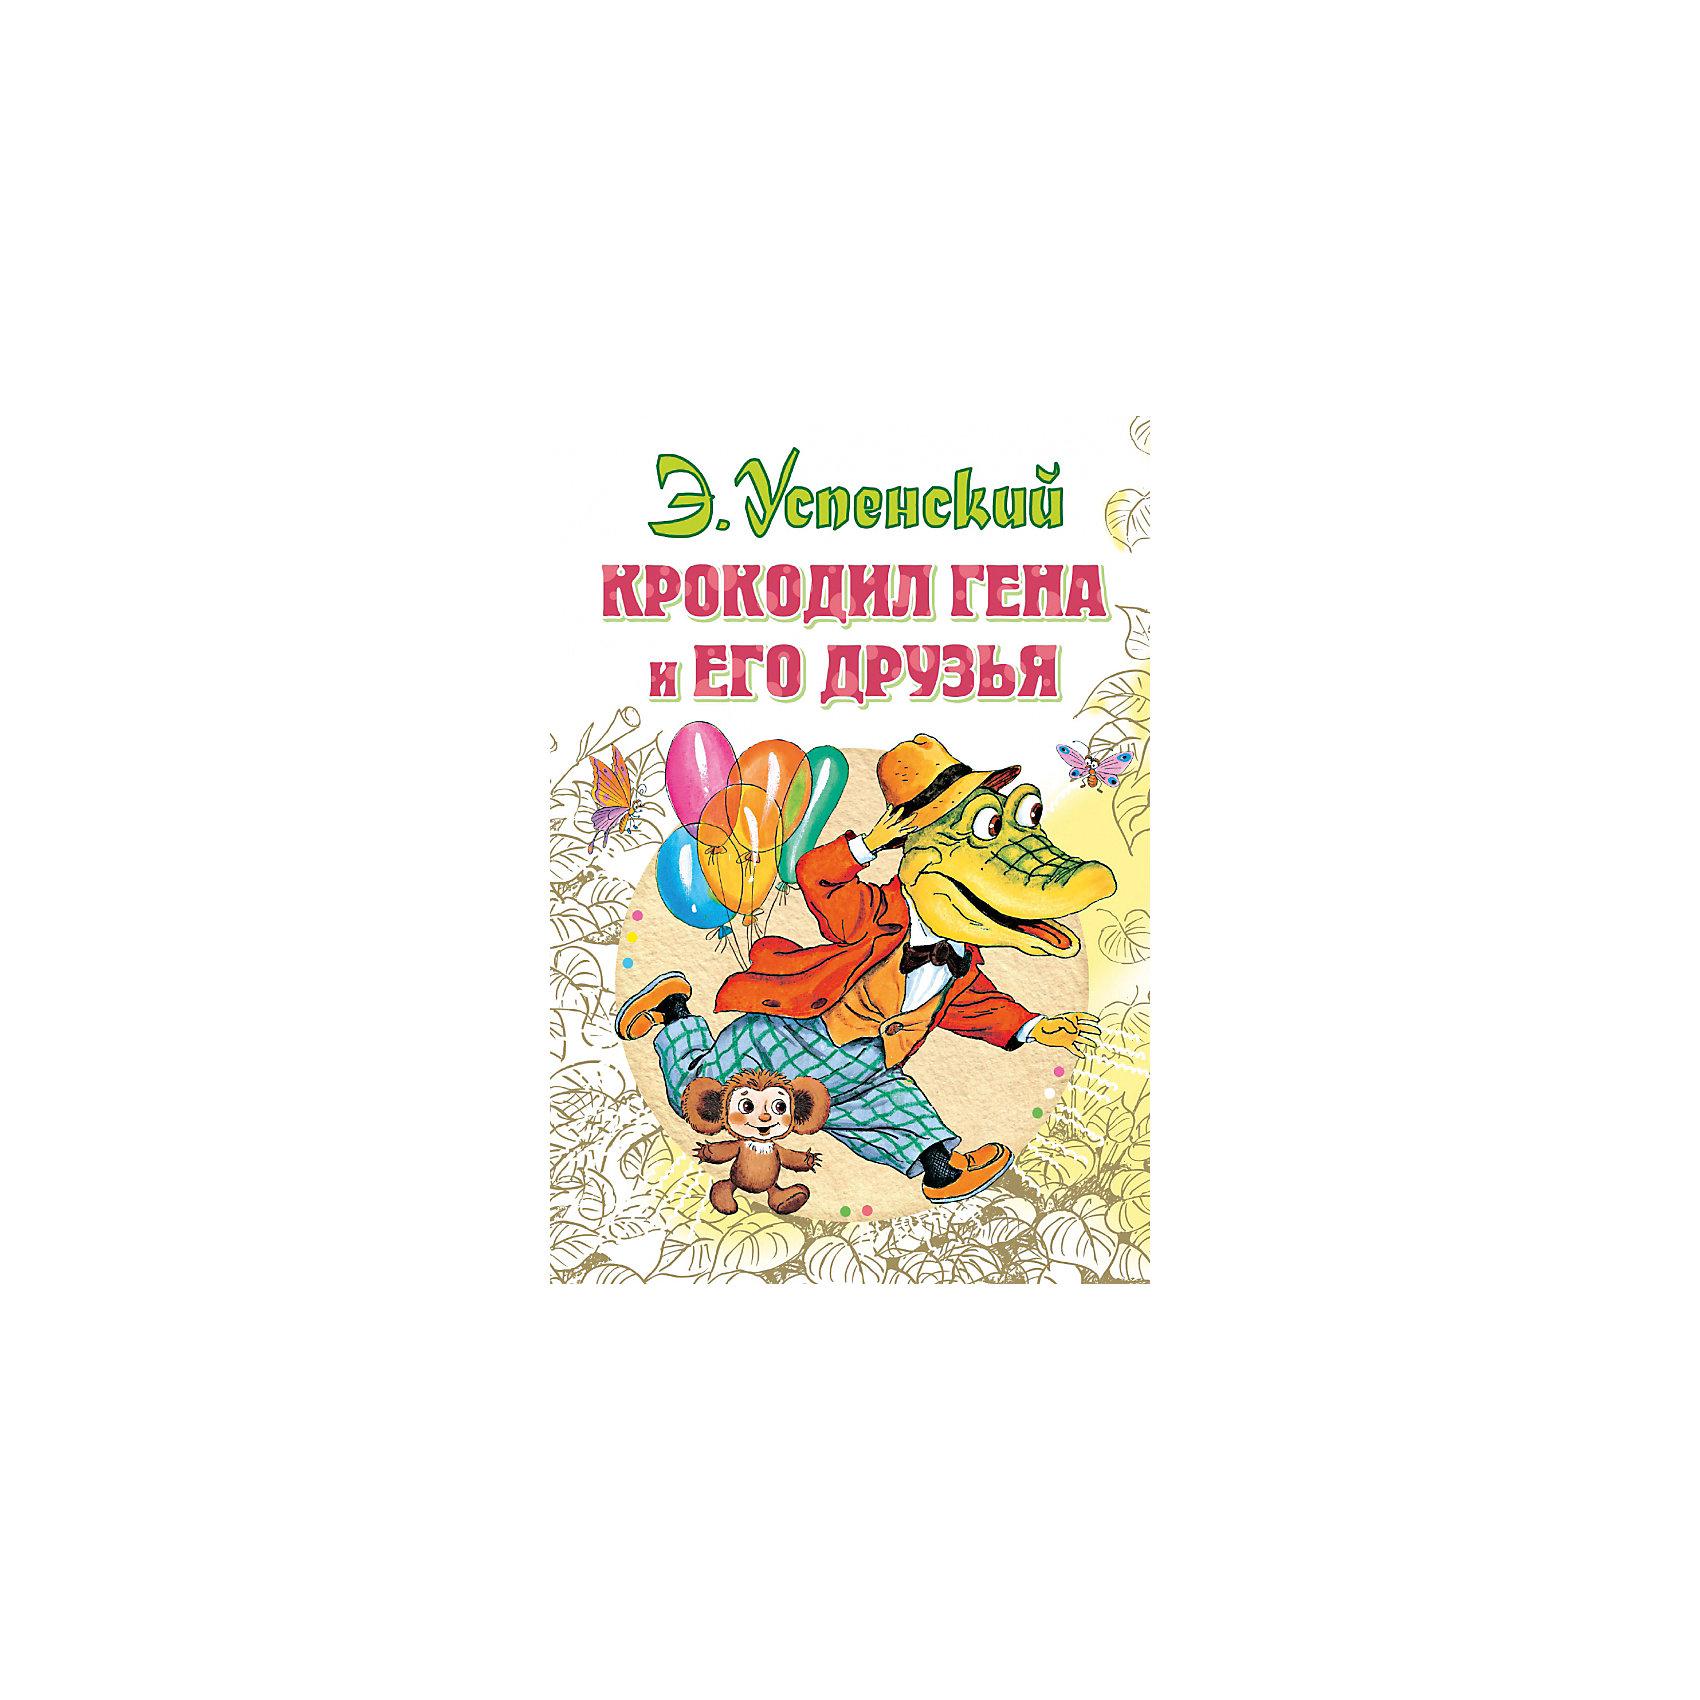 Крокодил Гена и его друзьяКрокодил Гена и его друзья - детская сказочная повесть Эдуарда Успенского, первая из цикла произведений о Чебурашке и Крокодиле Гене.<br>Однажды одинокий зеленый крокодил Гена решил изменить свою жизнь! Он повесил объявление о поиске друзей и с тех пор ни минуты не знал покоя! Ведь в городе оказалось очень много желающих подружиться: неизвестный науке зверек Чебурашка, долговязая жирафа Анюта, интеллигентный лев Чандр и еще много-много животных, девчонок и мальчишек! Так много, что пришлось строить Дом Дружбы, чтобы было, где встречаться такой большой компанией! Для младшего школьного возраста.<br><br>Дополнительная информация:<br><br>- Автор: Успенский Эдуард Николаевич<br>- Художники: Бордюг Сергей Иванович, Трепенок Н. А.<br>- Издательство: АСТ, 2015 г.<br>- Серия: Все самое лучшее у автора<br>- Тип обложки: 7Бц - твердая, целлофанированная (или лакированная)<br>- Иллюстрации: цветные<br>- Количество страниц: 144 (офсет)<br>- Размер: 210x145x15 мм.<br>- Вес: 300 гр.<br><br>Книгу «Крокодил Гена и его друзья» можно купить в нашем интернет-магазине.<br><br>Ширина мм: 200<br>Глубина мм: 138<br>Высота мм: 14<br>Вес г: 300<br>Возраст от месяцев: 36<br>Возраст до месяцев: 72<br>Пол: Унисекс<br>Возраст: Детский<br>SKU: 4566328